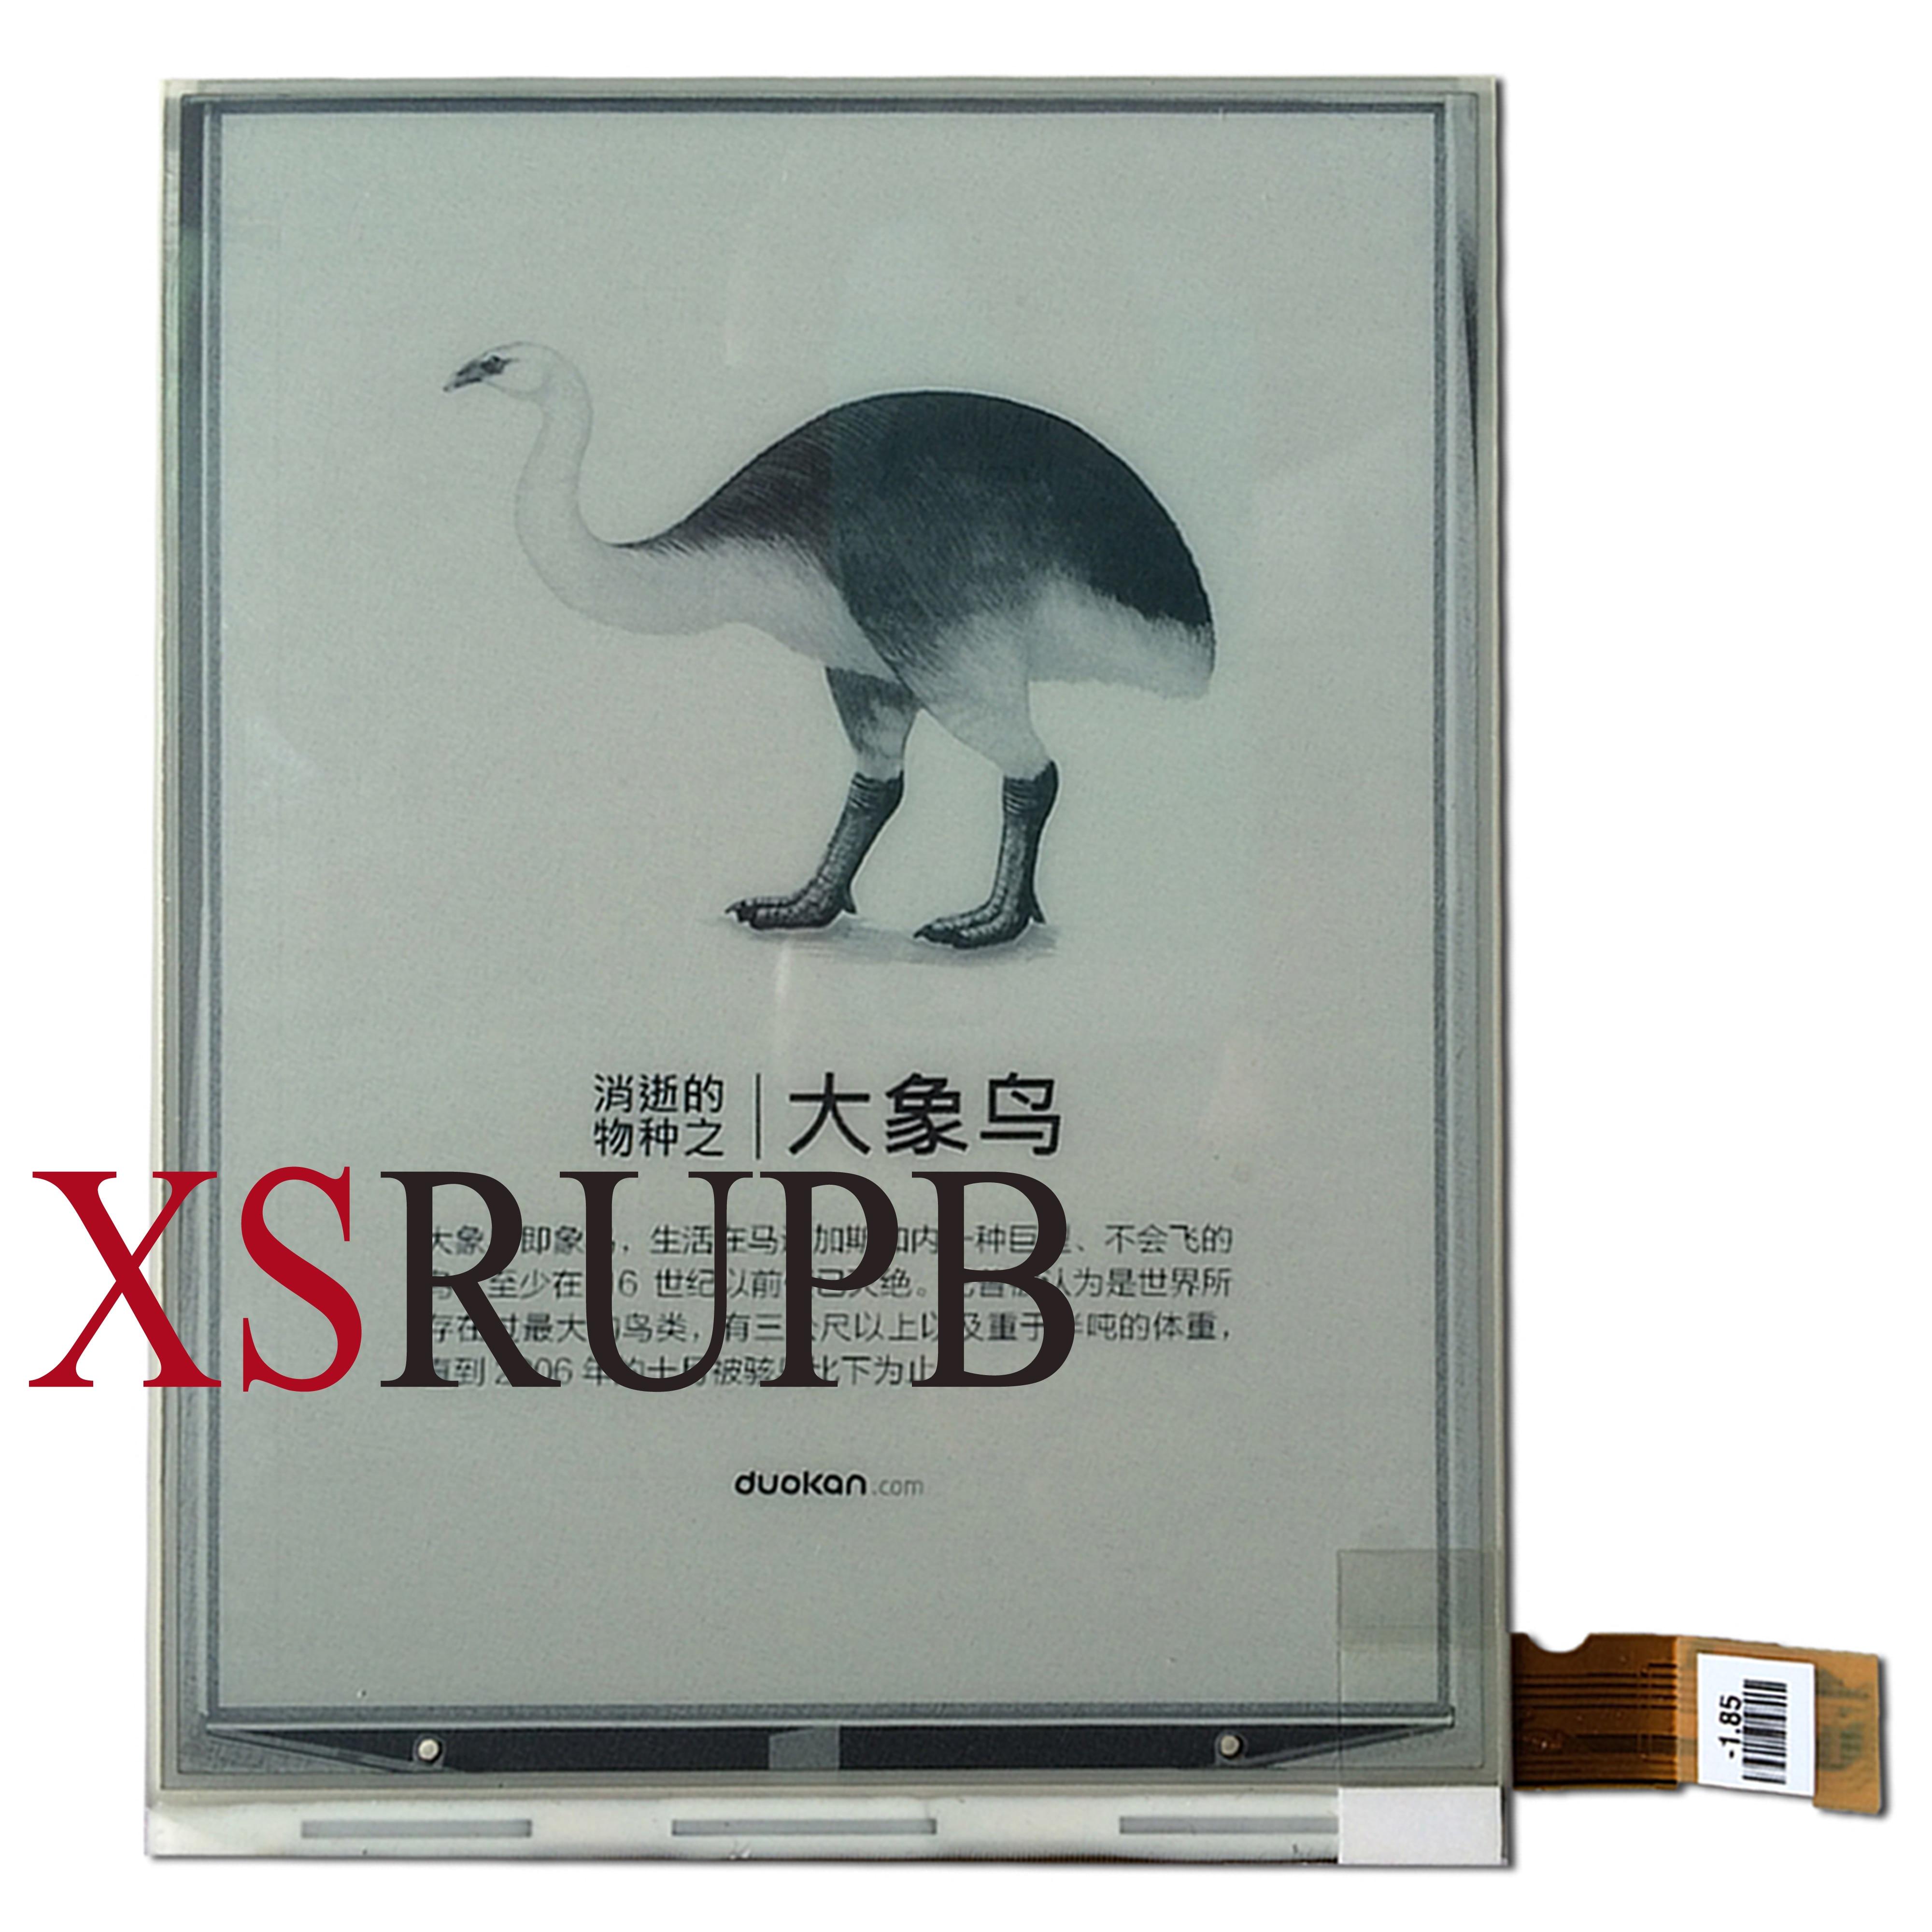 D'origine Affichage Eink pour Gmini Magicbook Z6 E-book eRader E-ink LCD Écran En Verre Panneau Ebook remplacement Réparation